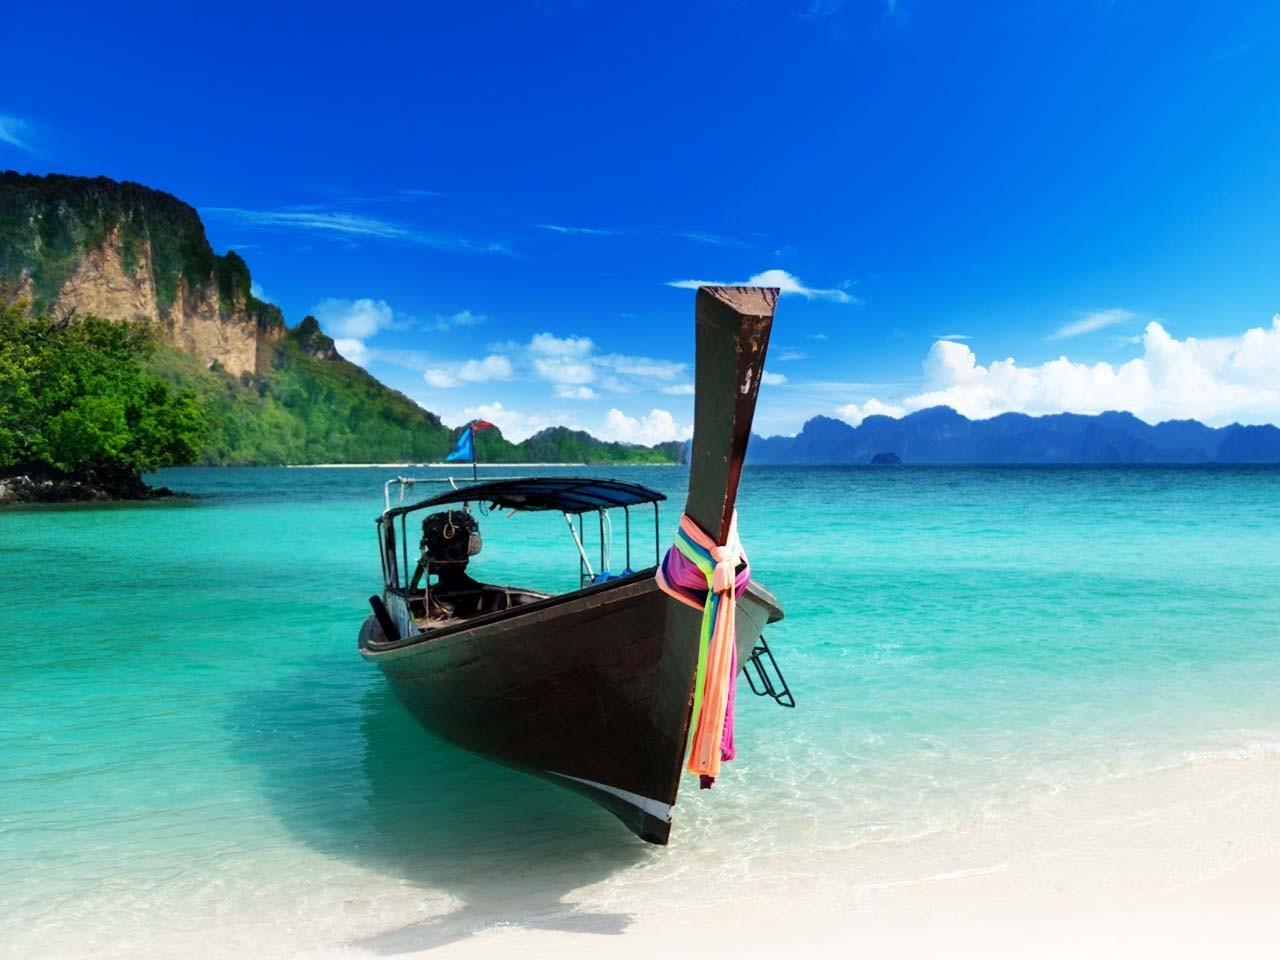 Купить недвижимость в таиланде на берегу моря